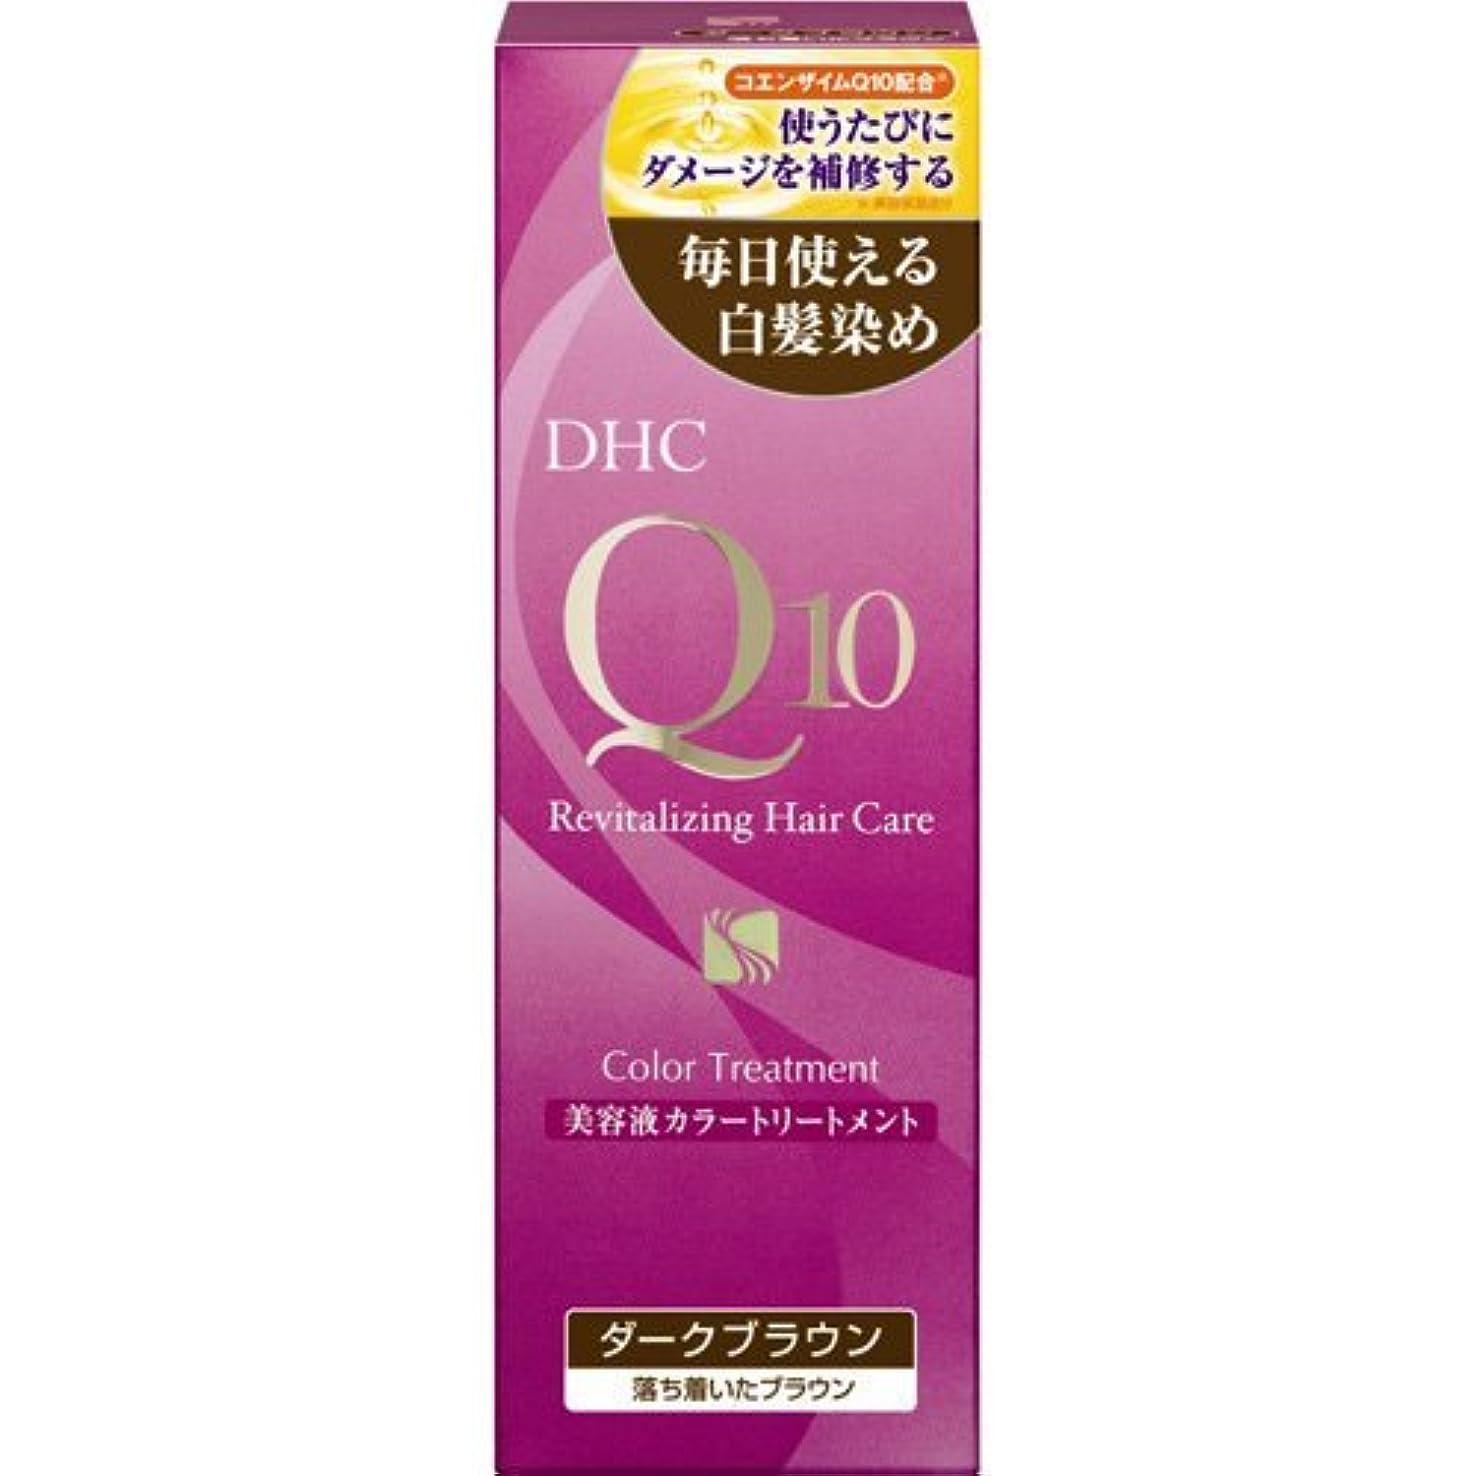 溝ランドリー地獄【まとめ買い】DHC Q10美溶液カラートリートメントDブラウンSS170g ×6個